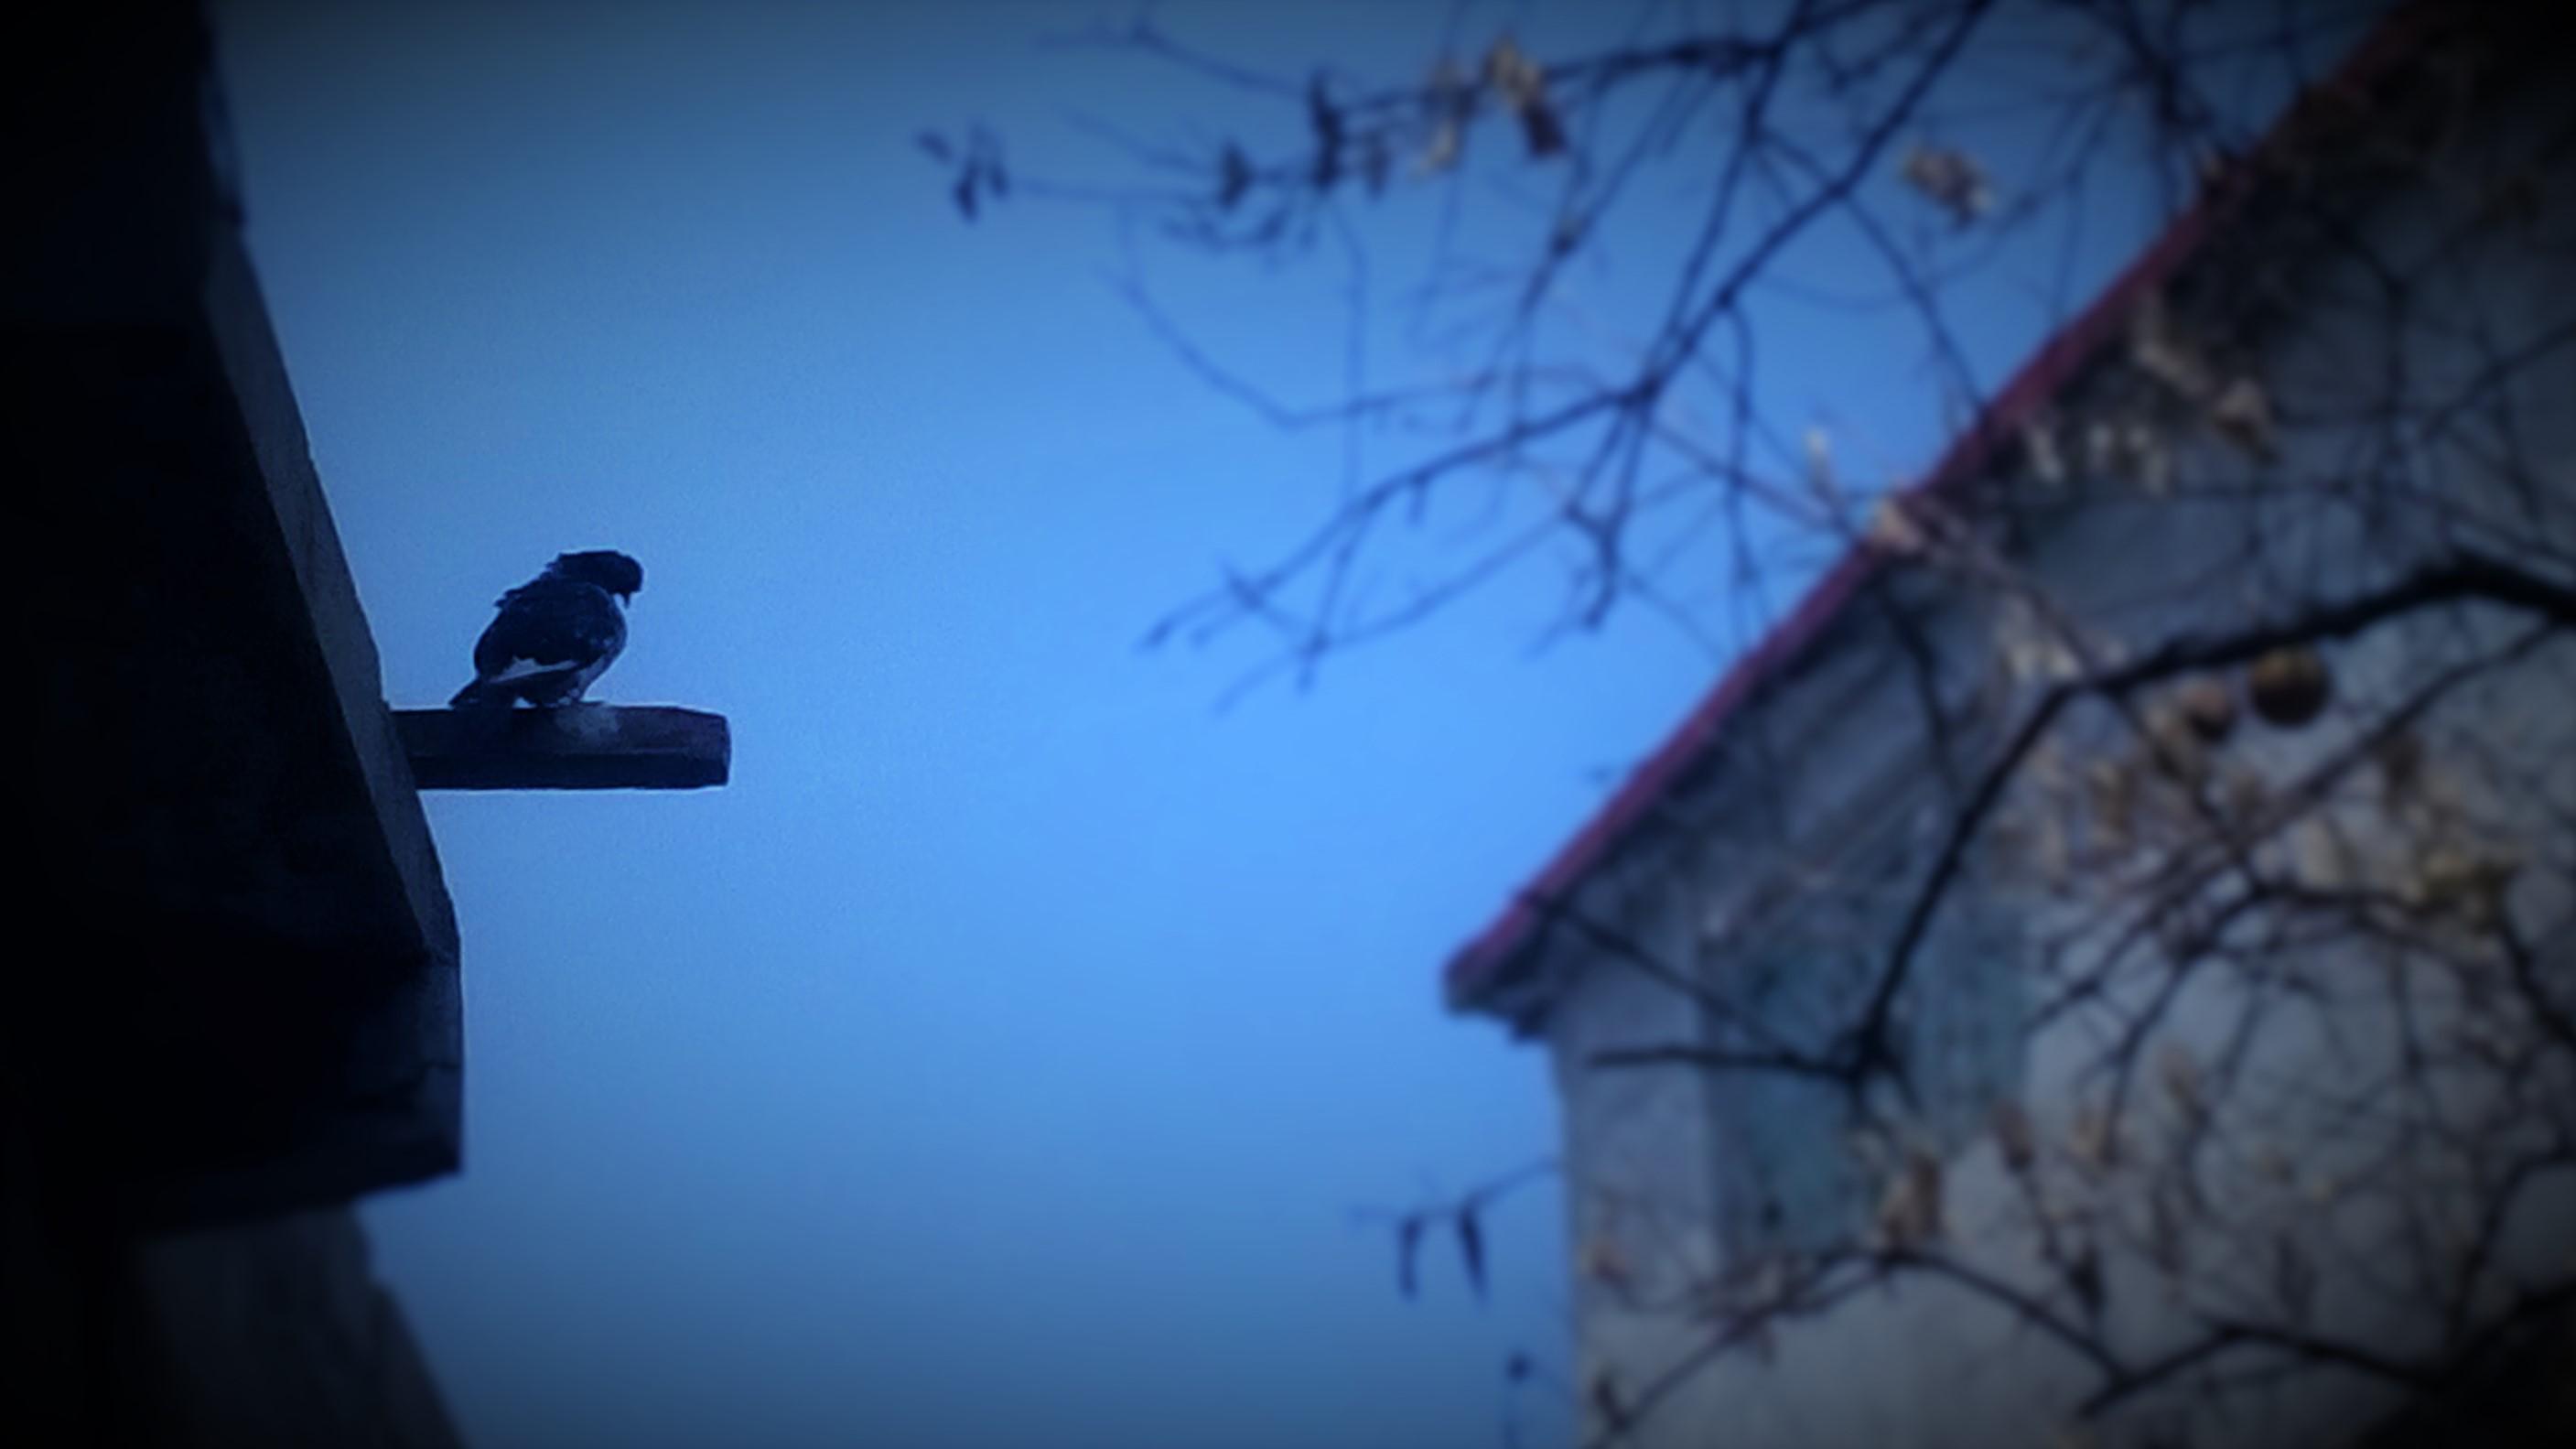 Sendos caminos aventuraban una mano de signo conocido, miradas que el viento llevaba, quedaban lejos. Te atrapa una experiencia dijo la voz ajena, simbólicamente la esperanza se define diferente en cada gente, pero veía una paloma.